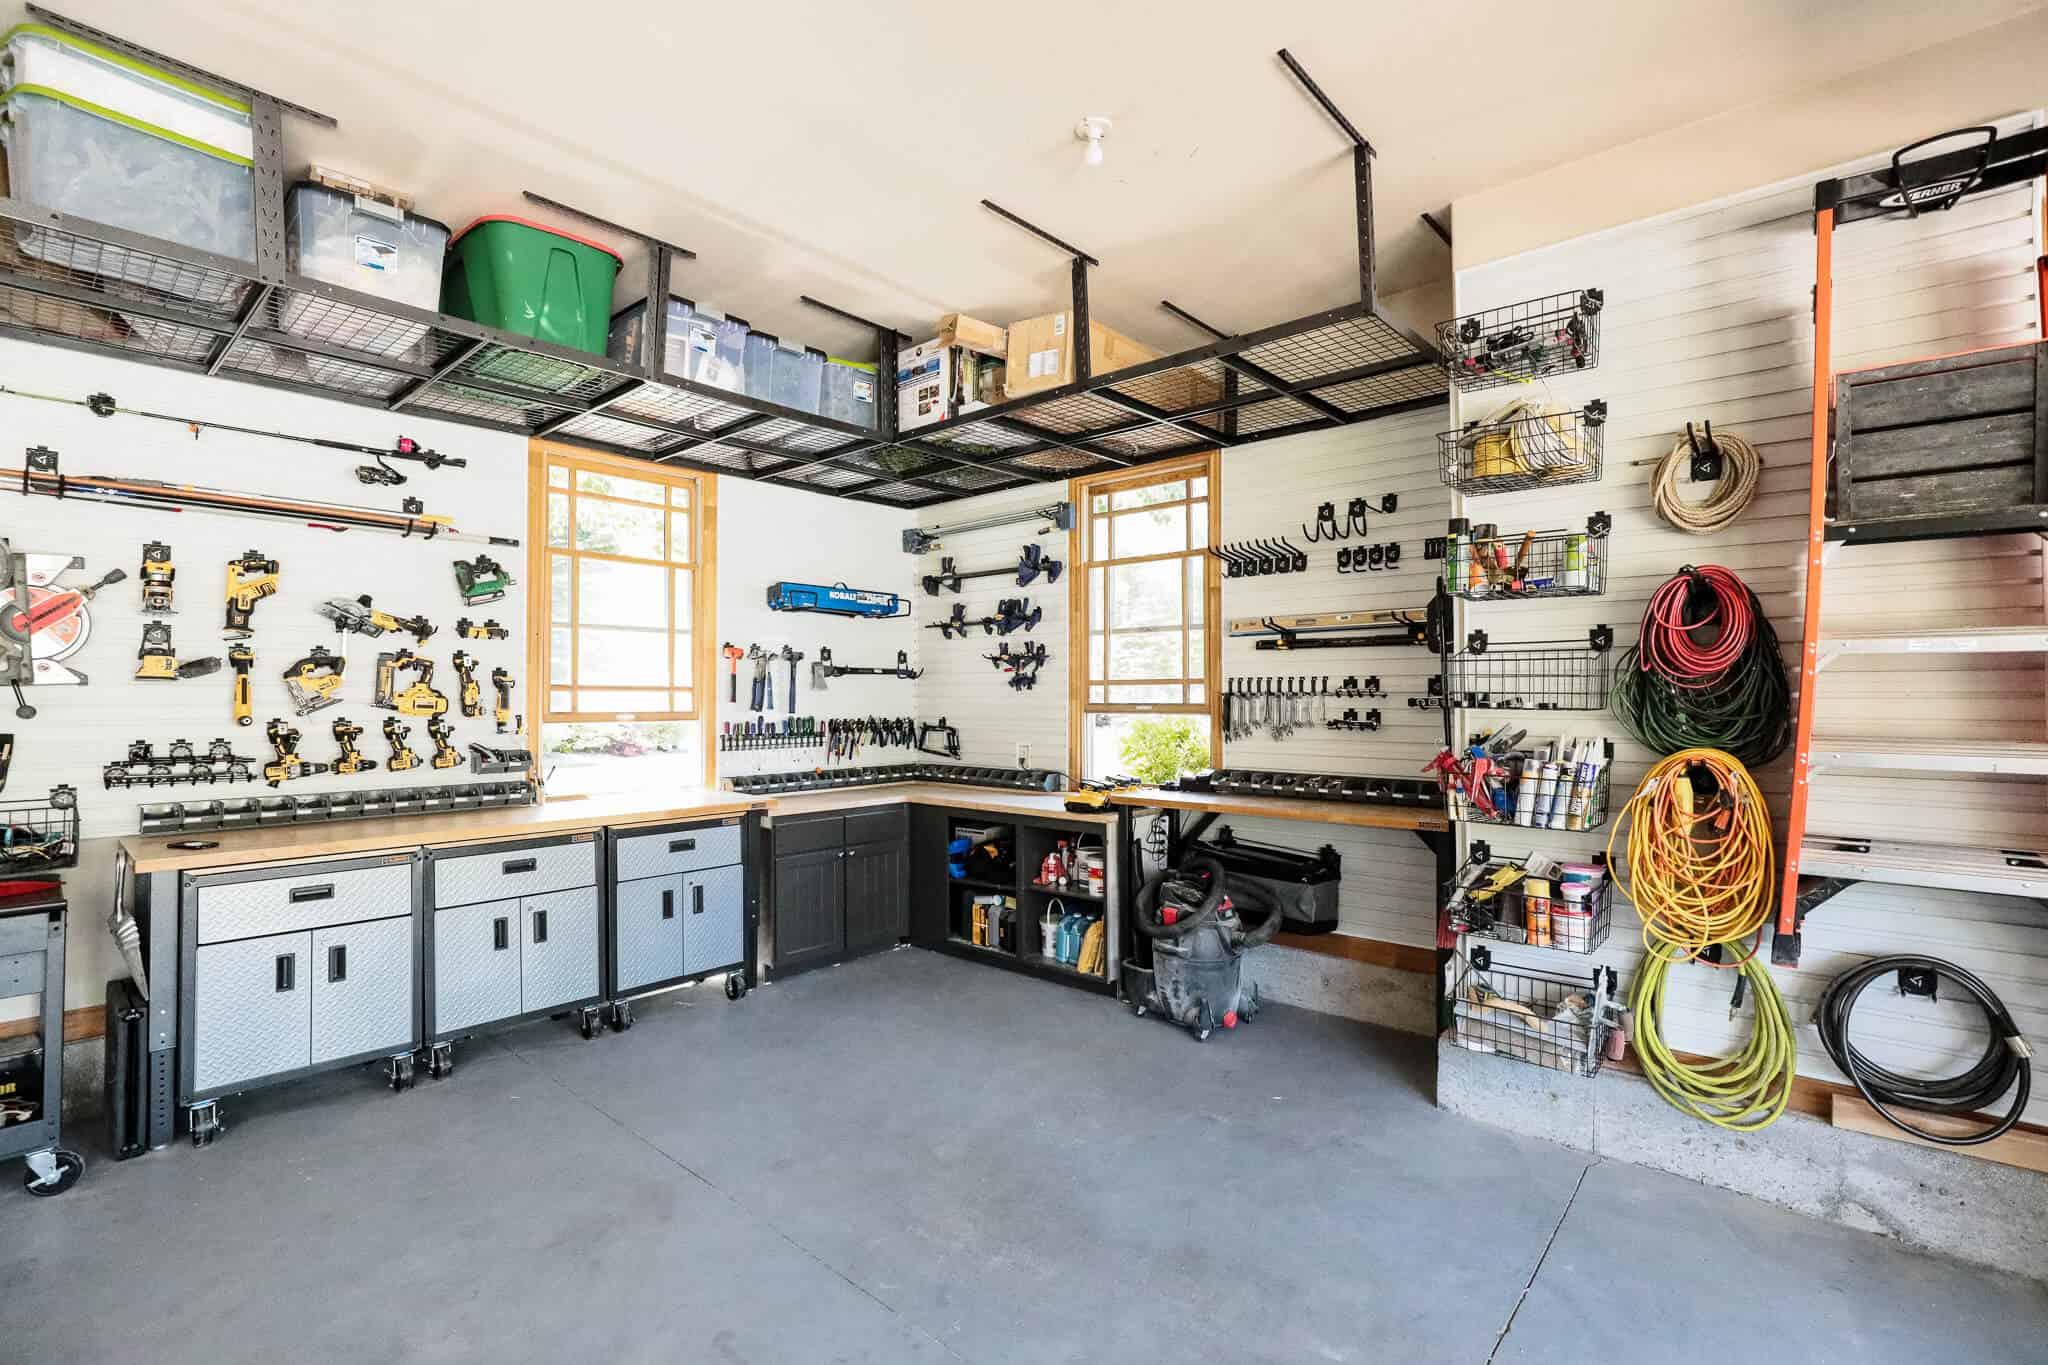 Ladder Storage Process In The Garage